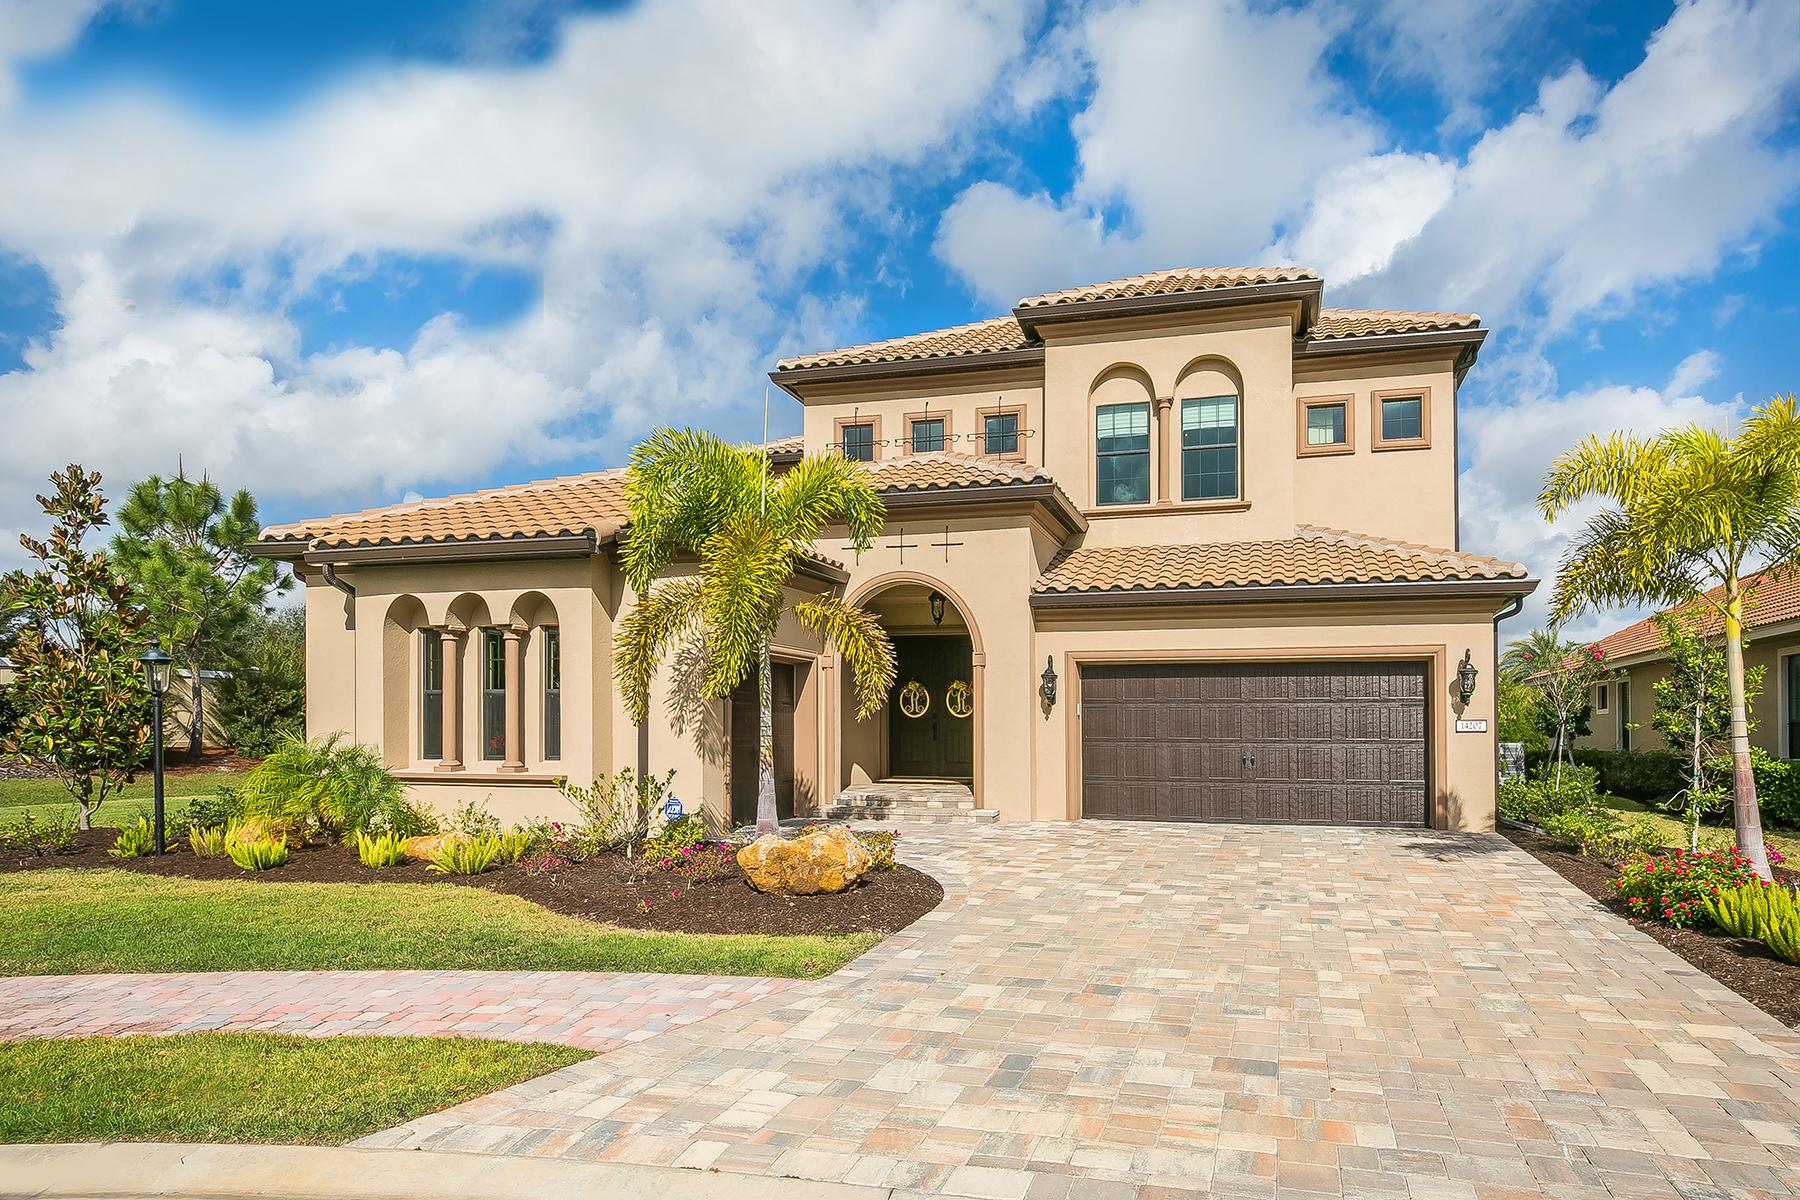 独户住宅 为 销售 在 LAKEWOOD RANCH COUNTRY CLUB EAST 14207 Woodhall Pl 布雷登顿, 佛罗里达州, 34202 美国